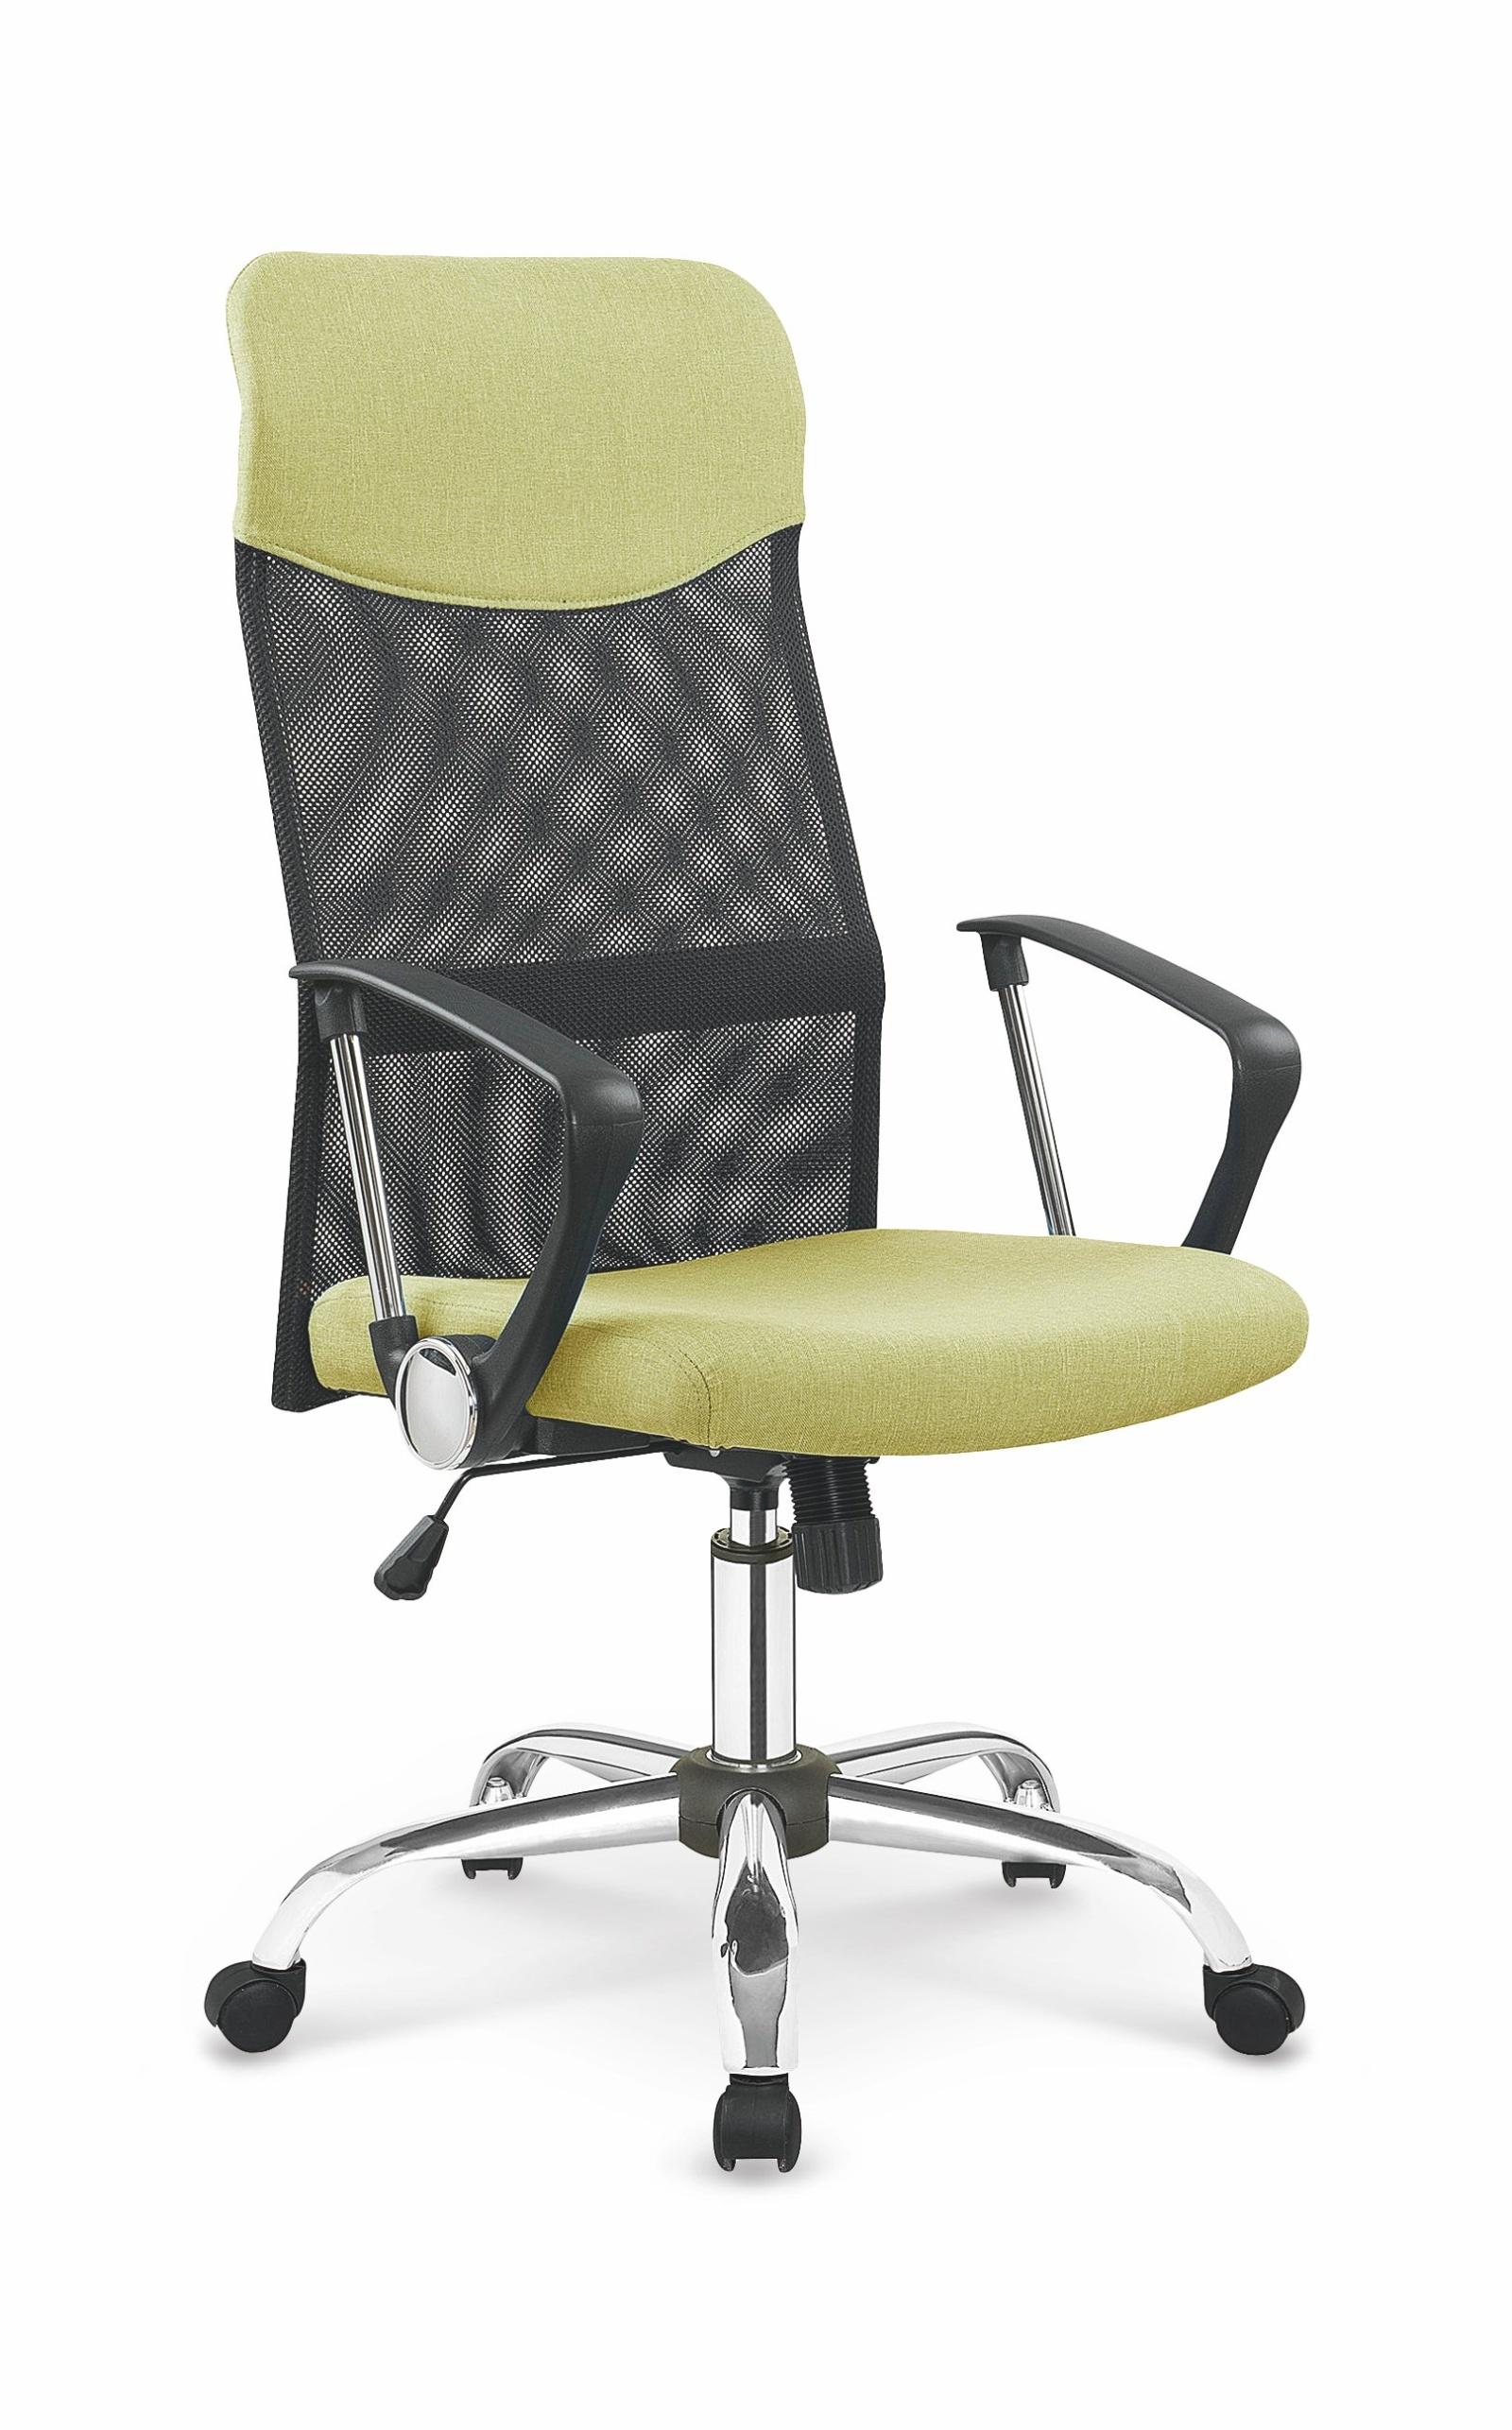 Smartshop Kancelářská židle VIRE 2, zelená